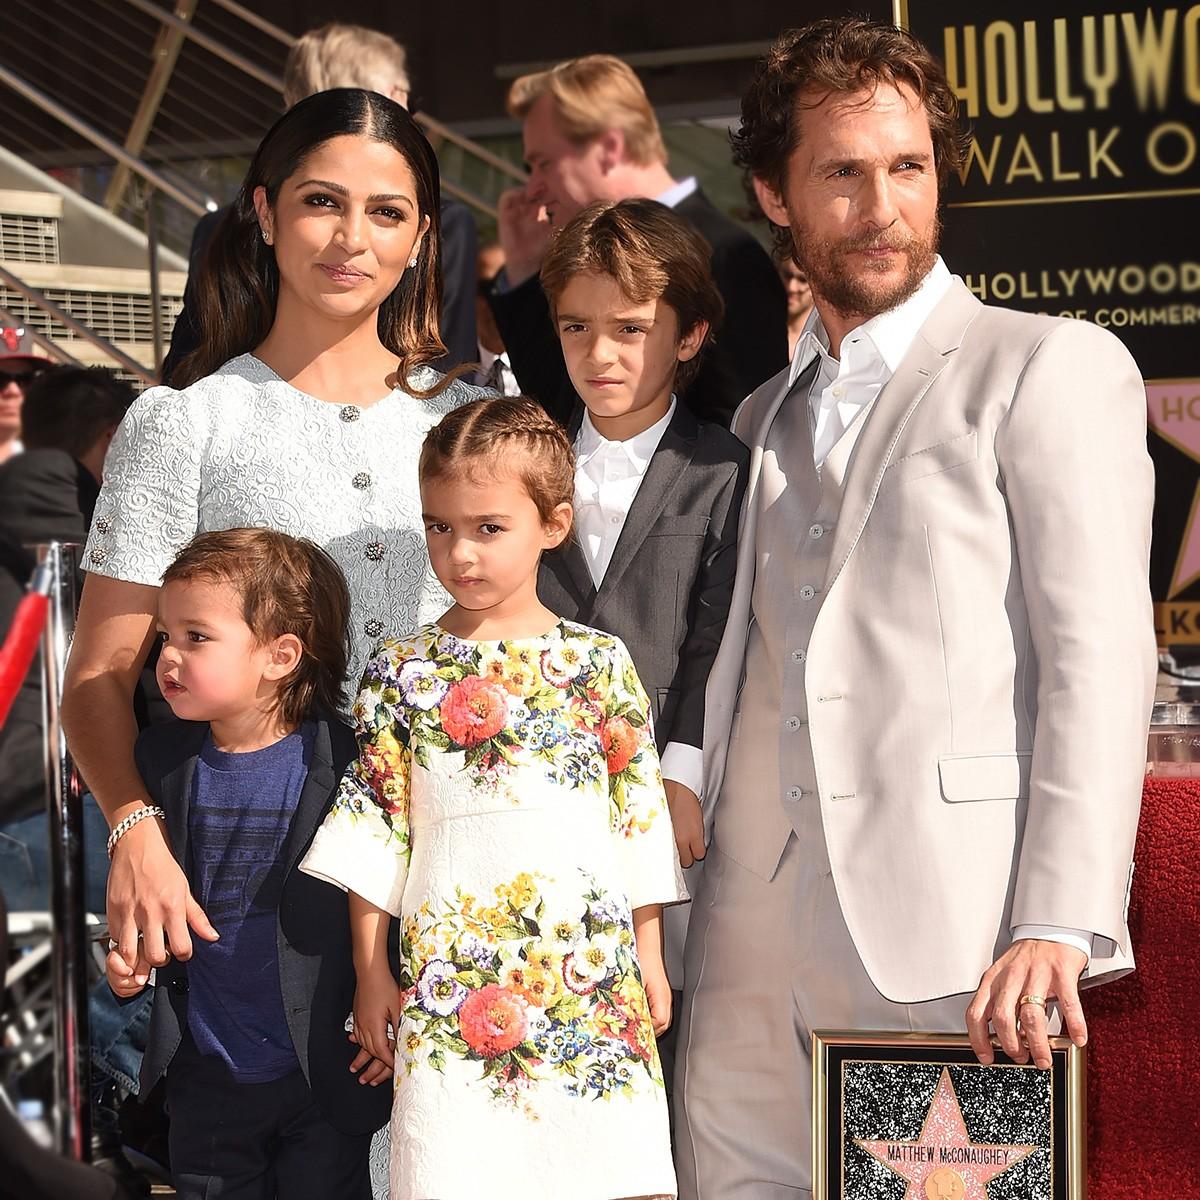 Matthew McConaughey e Camila Alves obviamente recorreram às raízes da brasileira na hora de escolher o nome da menina Vida e Levi não é tão diferente, só não revelaram de onde vem o nome do menino Livingston (Foto: Getty Images)